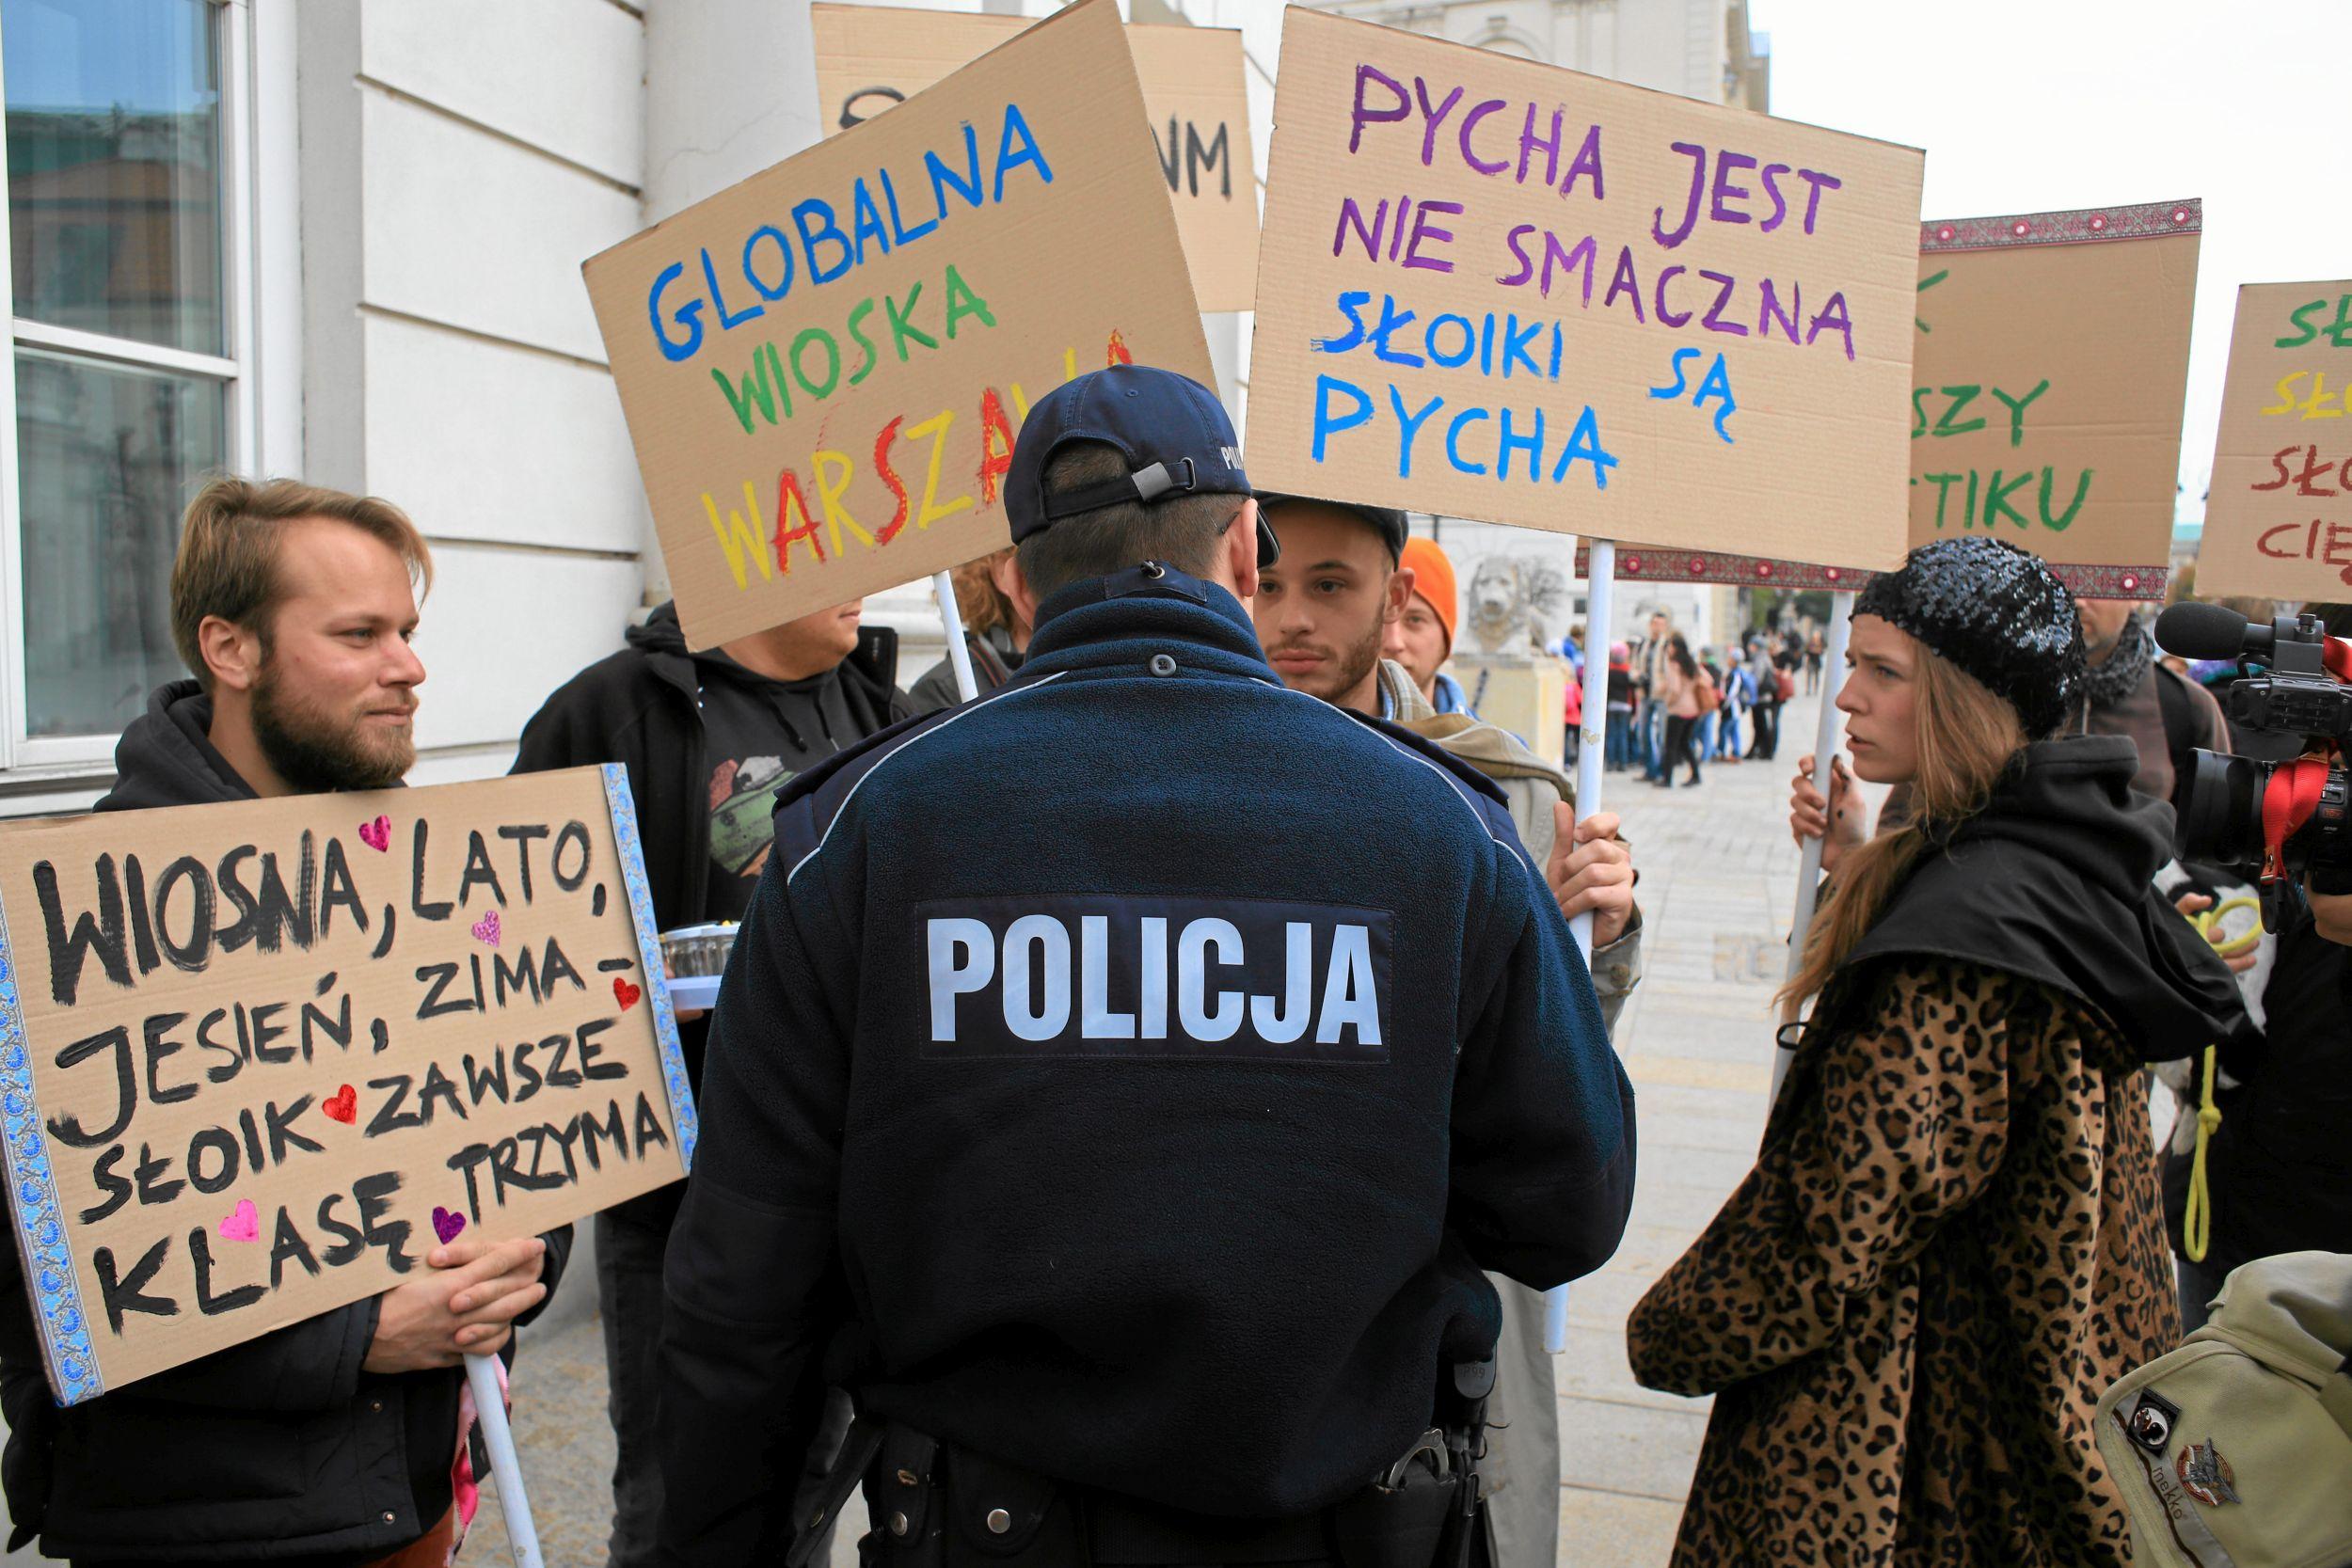 Przyjezdni mimo że mają to, czego chcieli - anonimowość, pracę, miłość - to wiedzą, że nie są u siebie, czują kompleksy (fot. Jacek Marczewski / Agencja Gazeta)